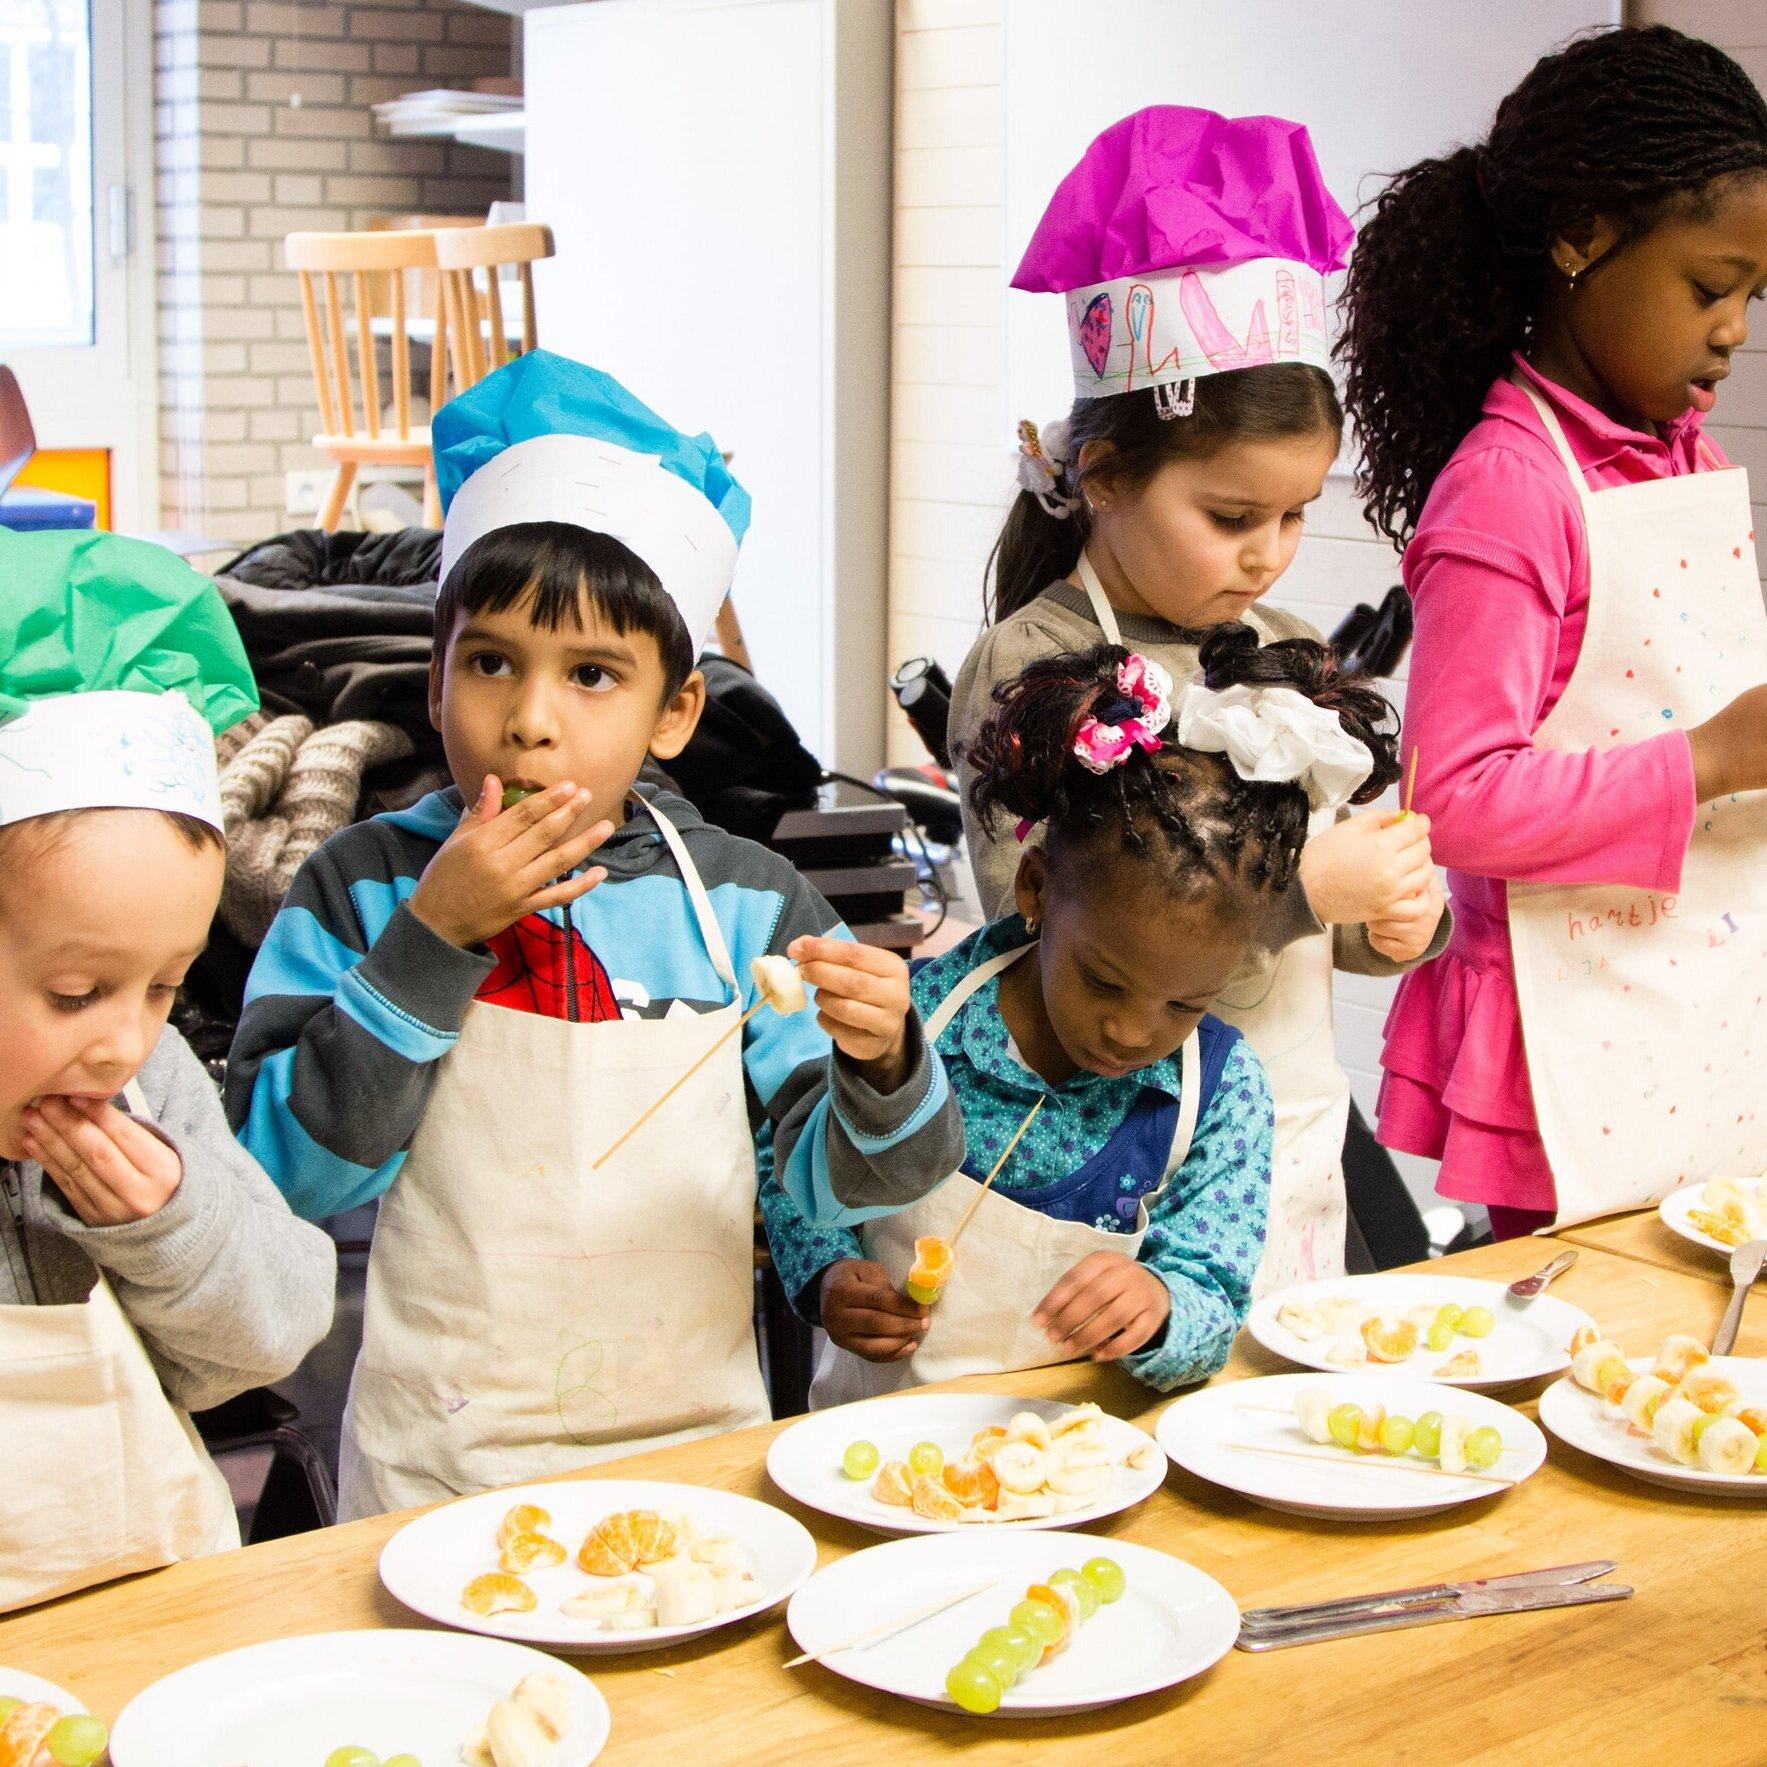 T+HUIS opent T+LAB - Een TALENTEN+LABORATORIUM dat talenten in de wijk zichtbaar maakt en ontwikkelt. De innovatieve aanpak zet kinderen, studenten en vrijwilligers in hun kracht. Het vergroot de leefbaarheid en sociale samenhang in wijken die dat nodig hebben. Kenmerkend